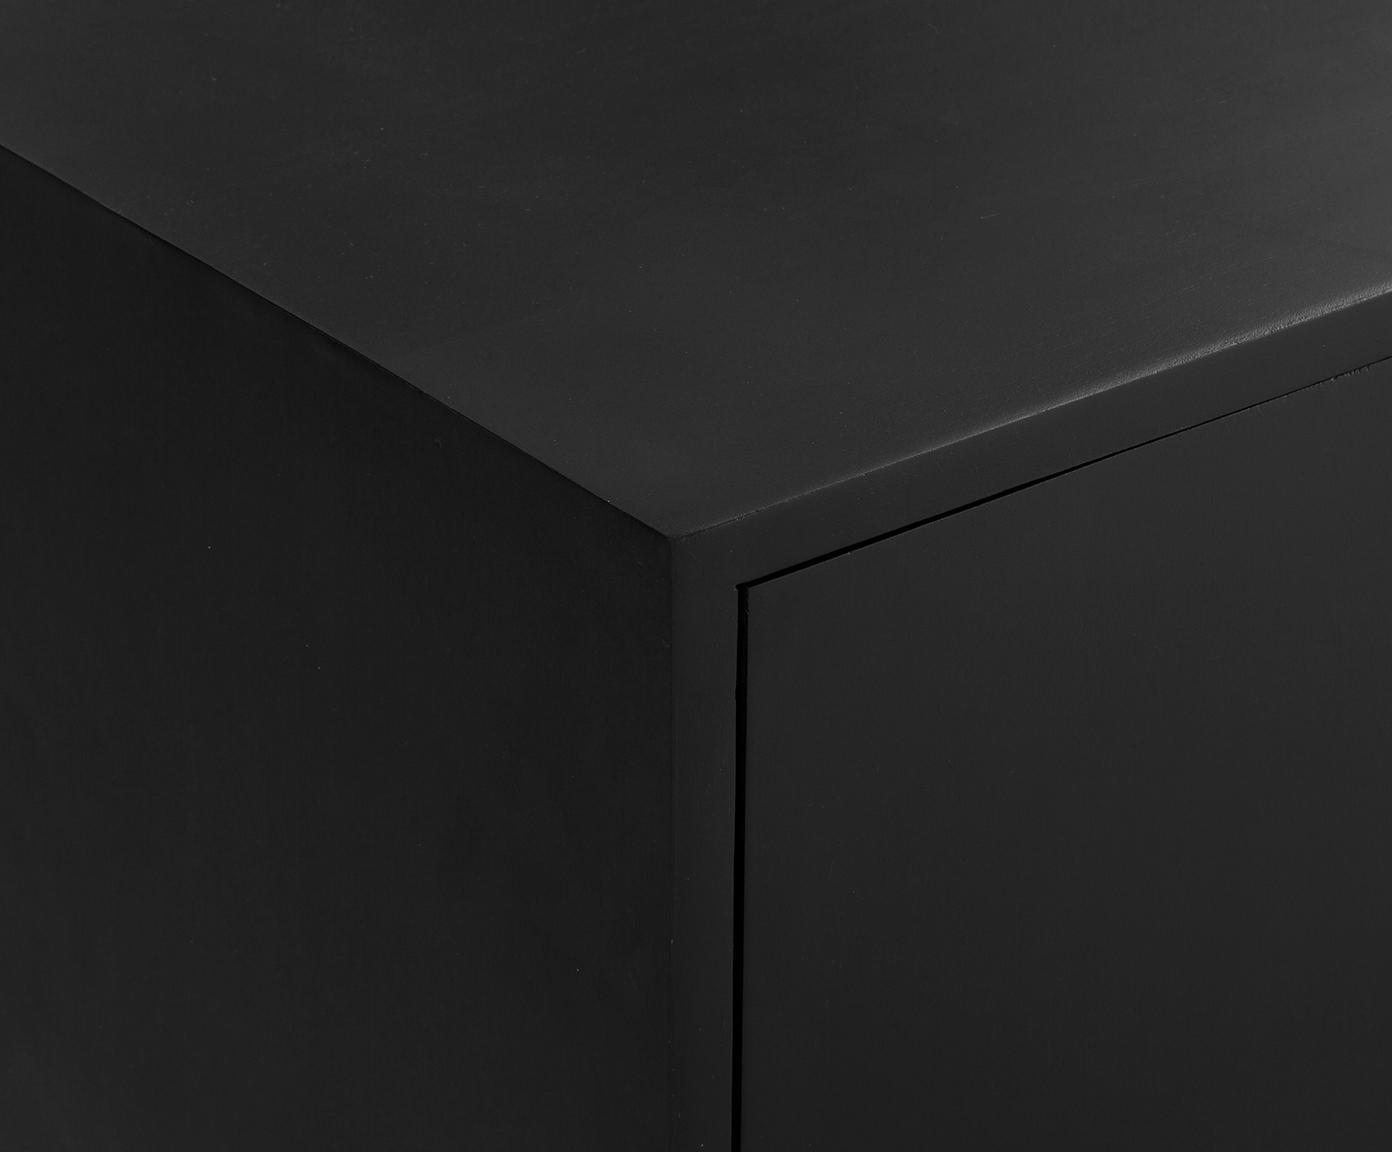 Szafka niska z litego drewna z drzwiczkami Lyle, Korpus: lite drewno mangowe, laki, Drewno mangowe, czarny lakierowany, S 180 x D 60 cm